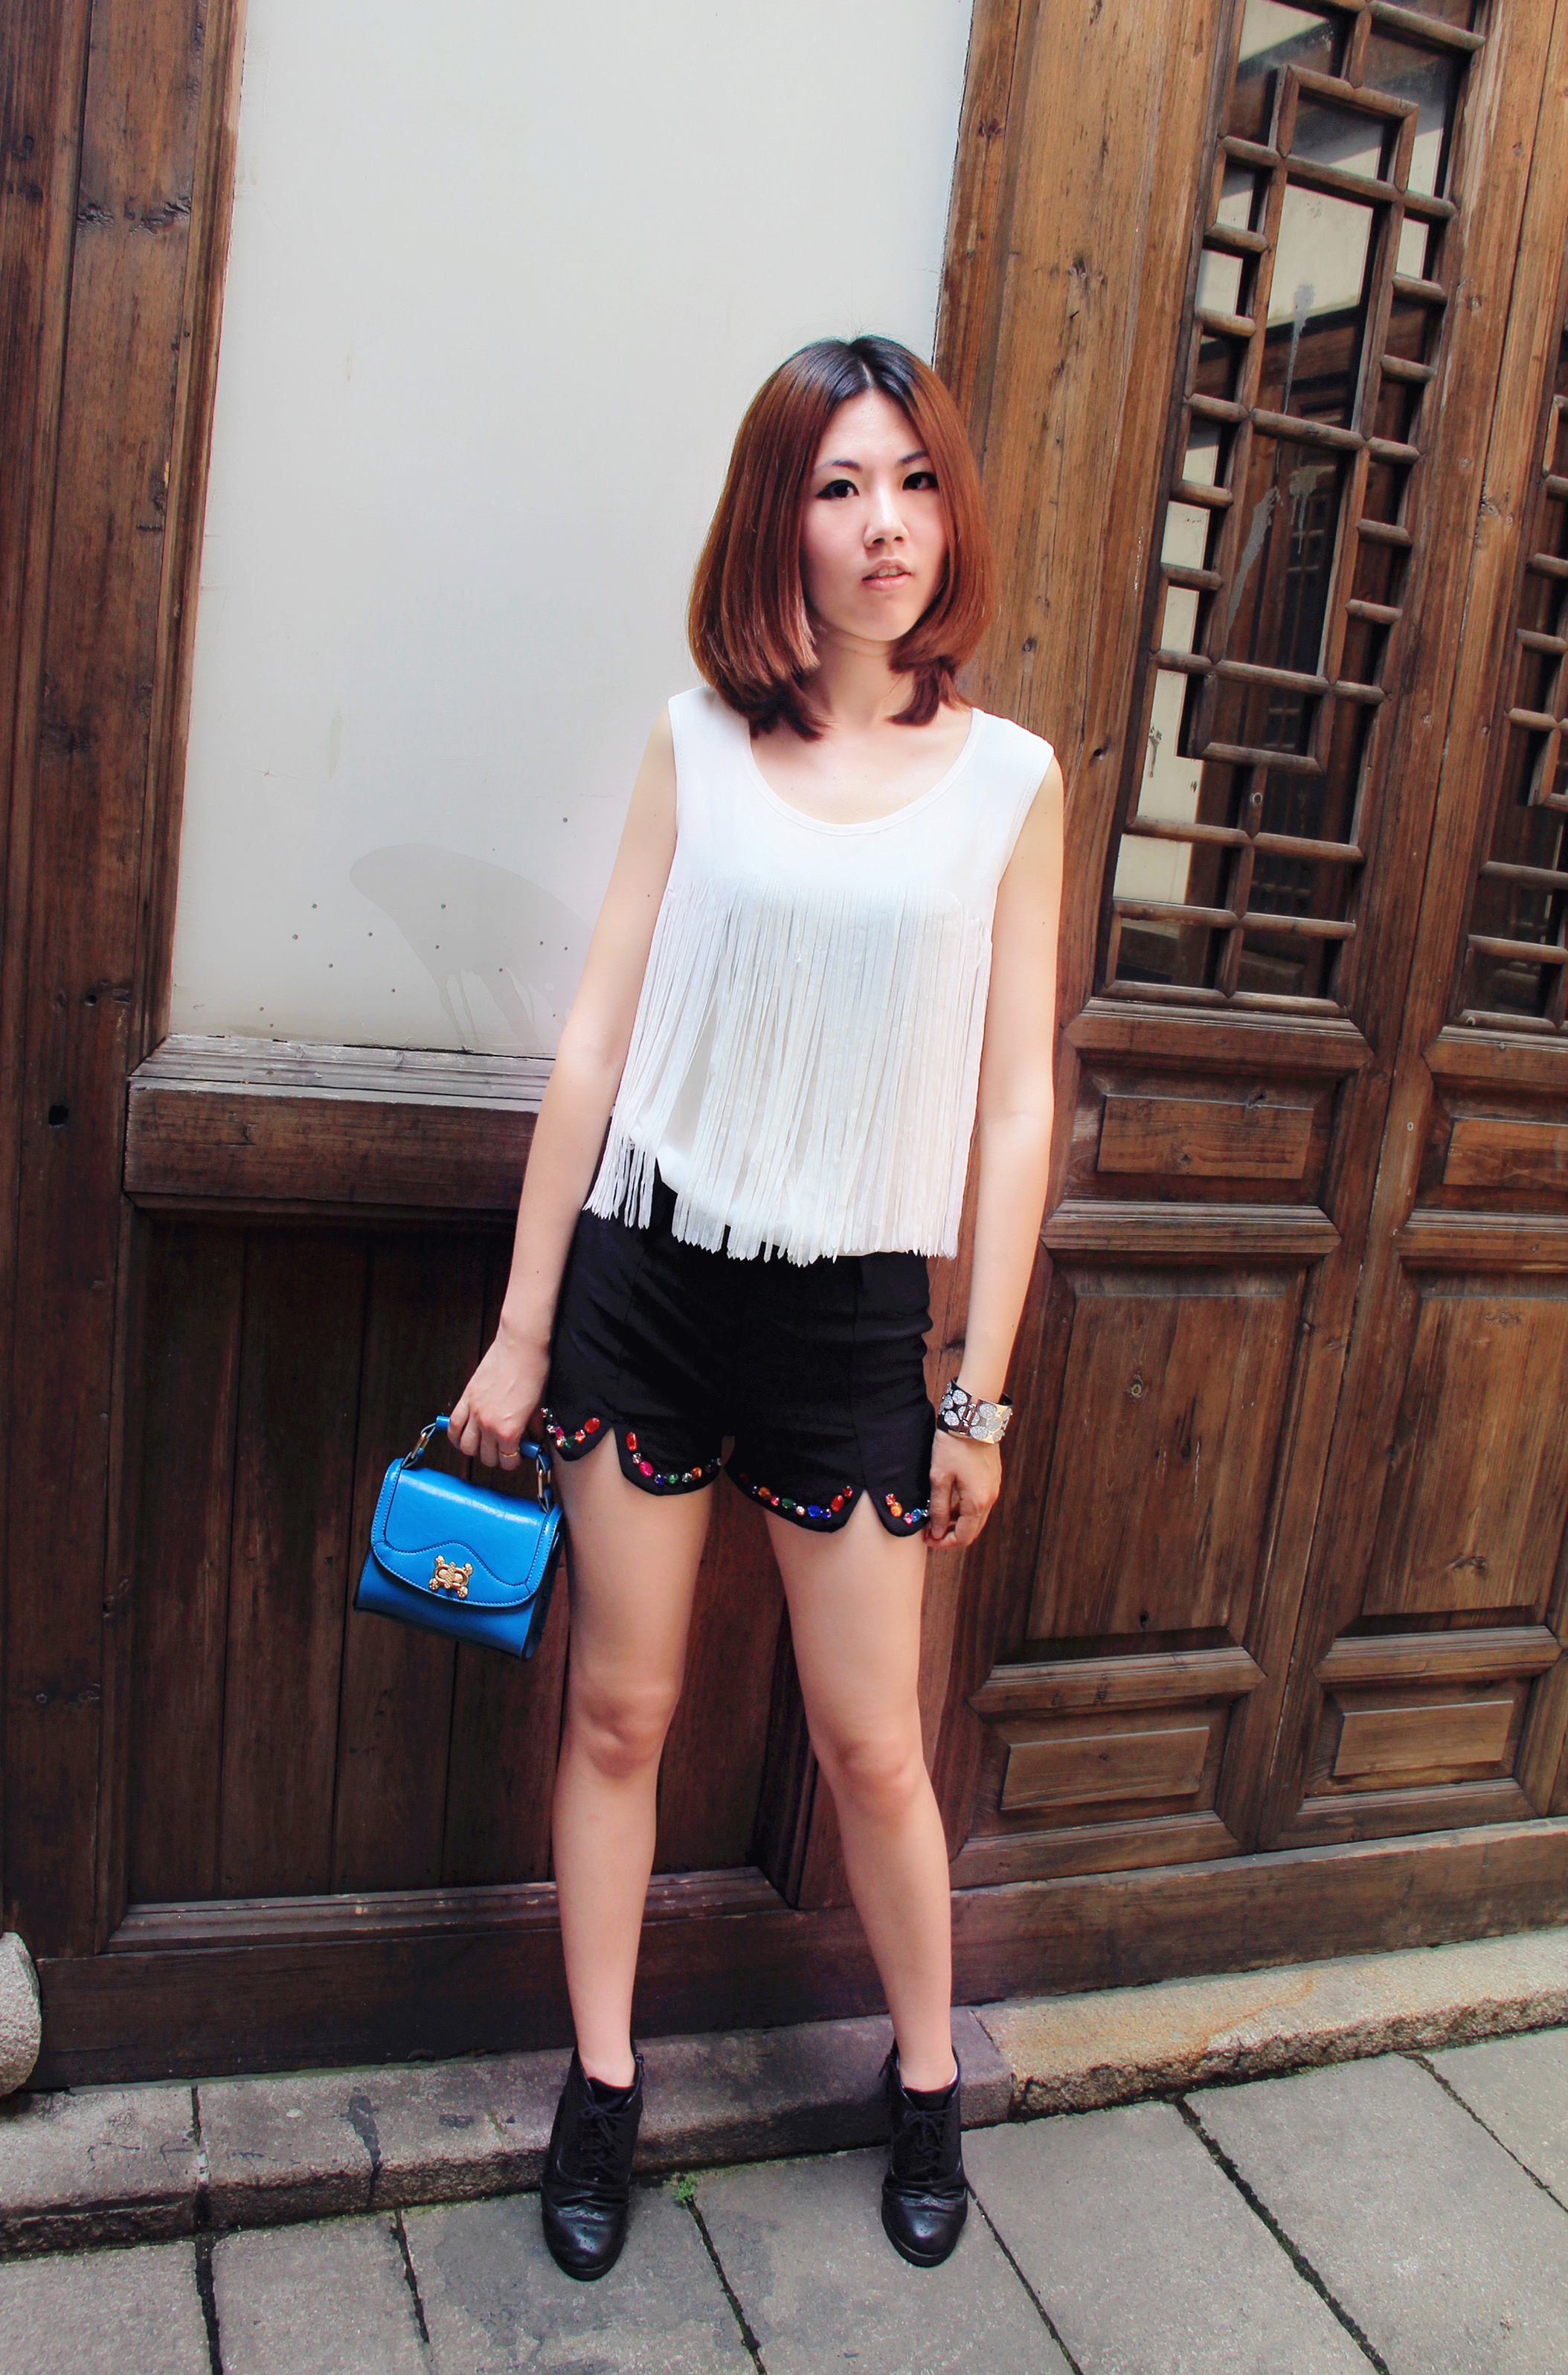 穿超短布鞋的女生